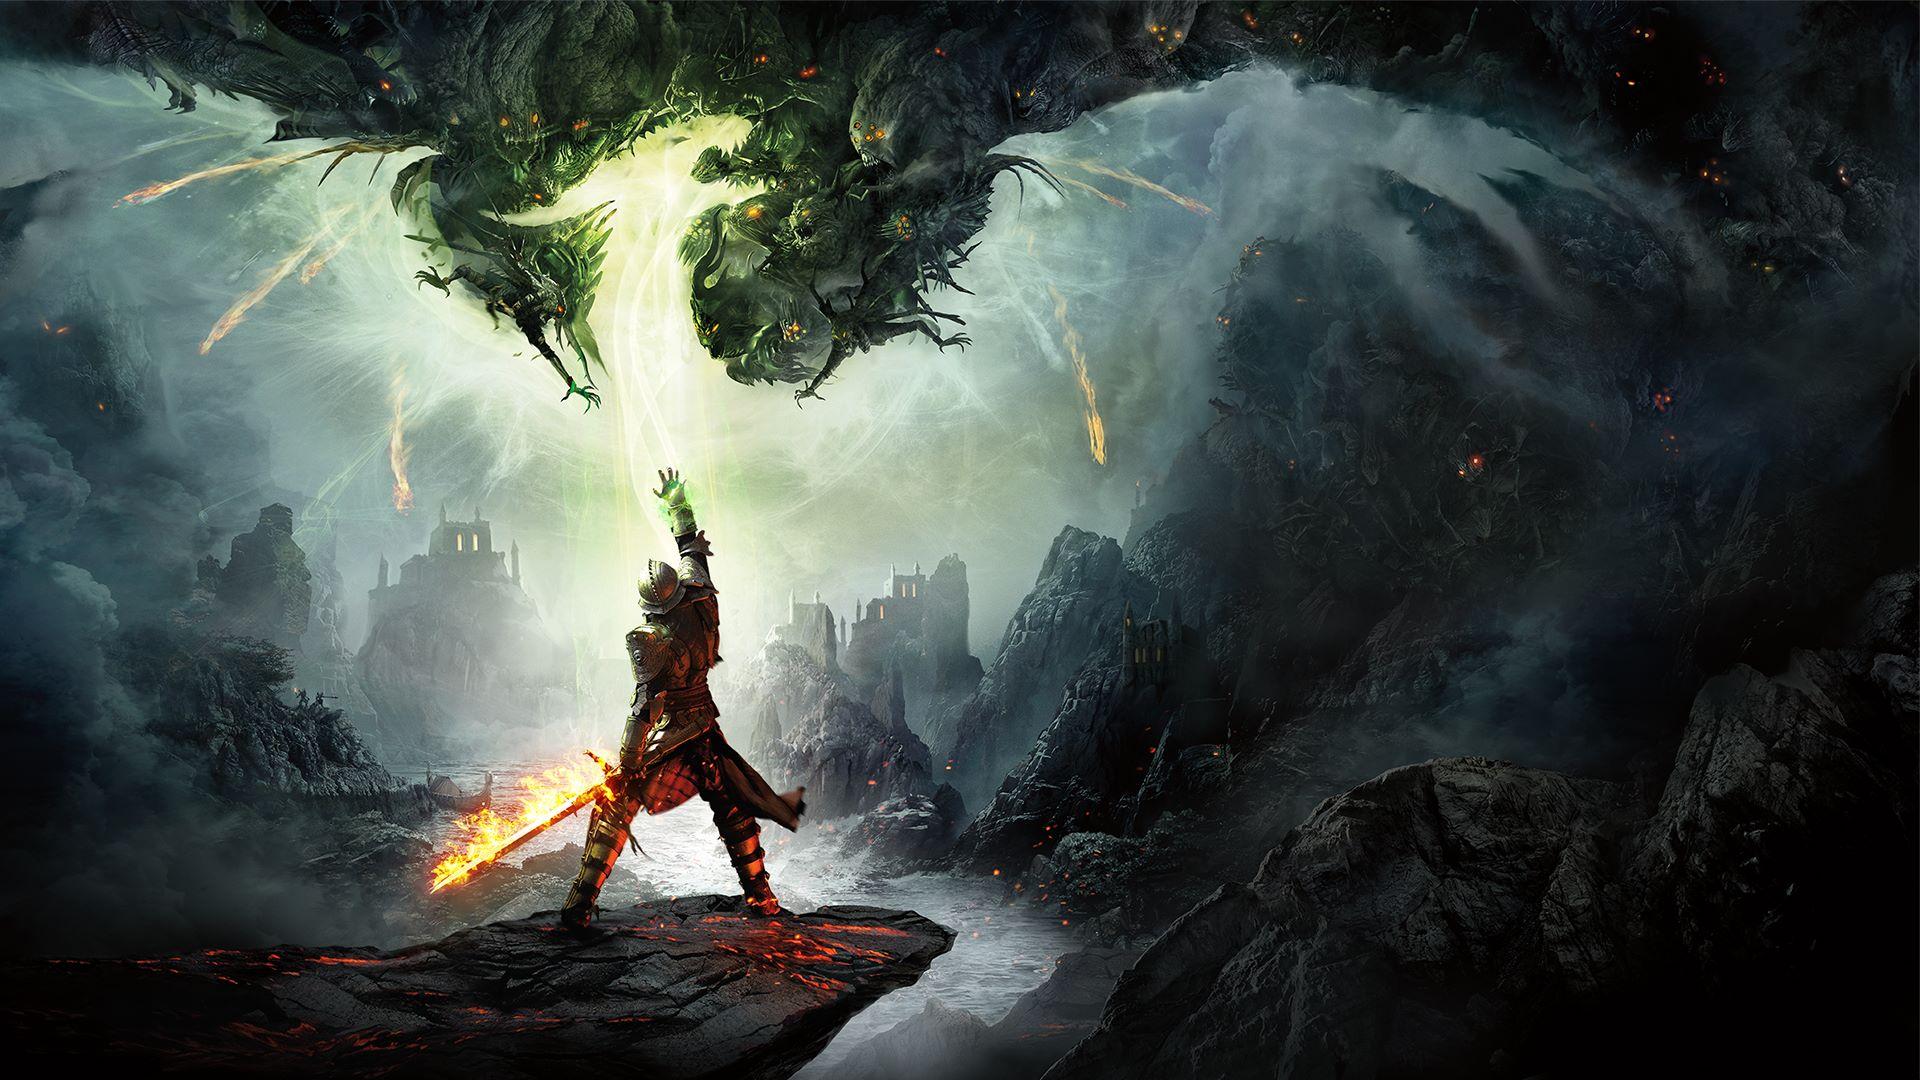 Обновление Dragon Age™: Инквизиция до эксклюзивного издания